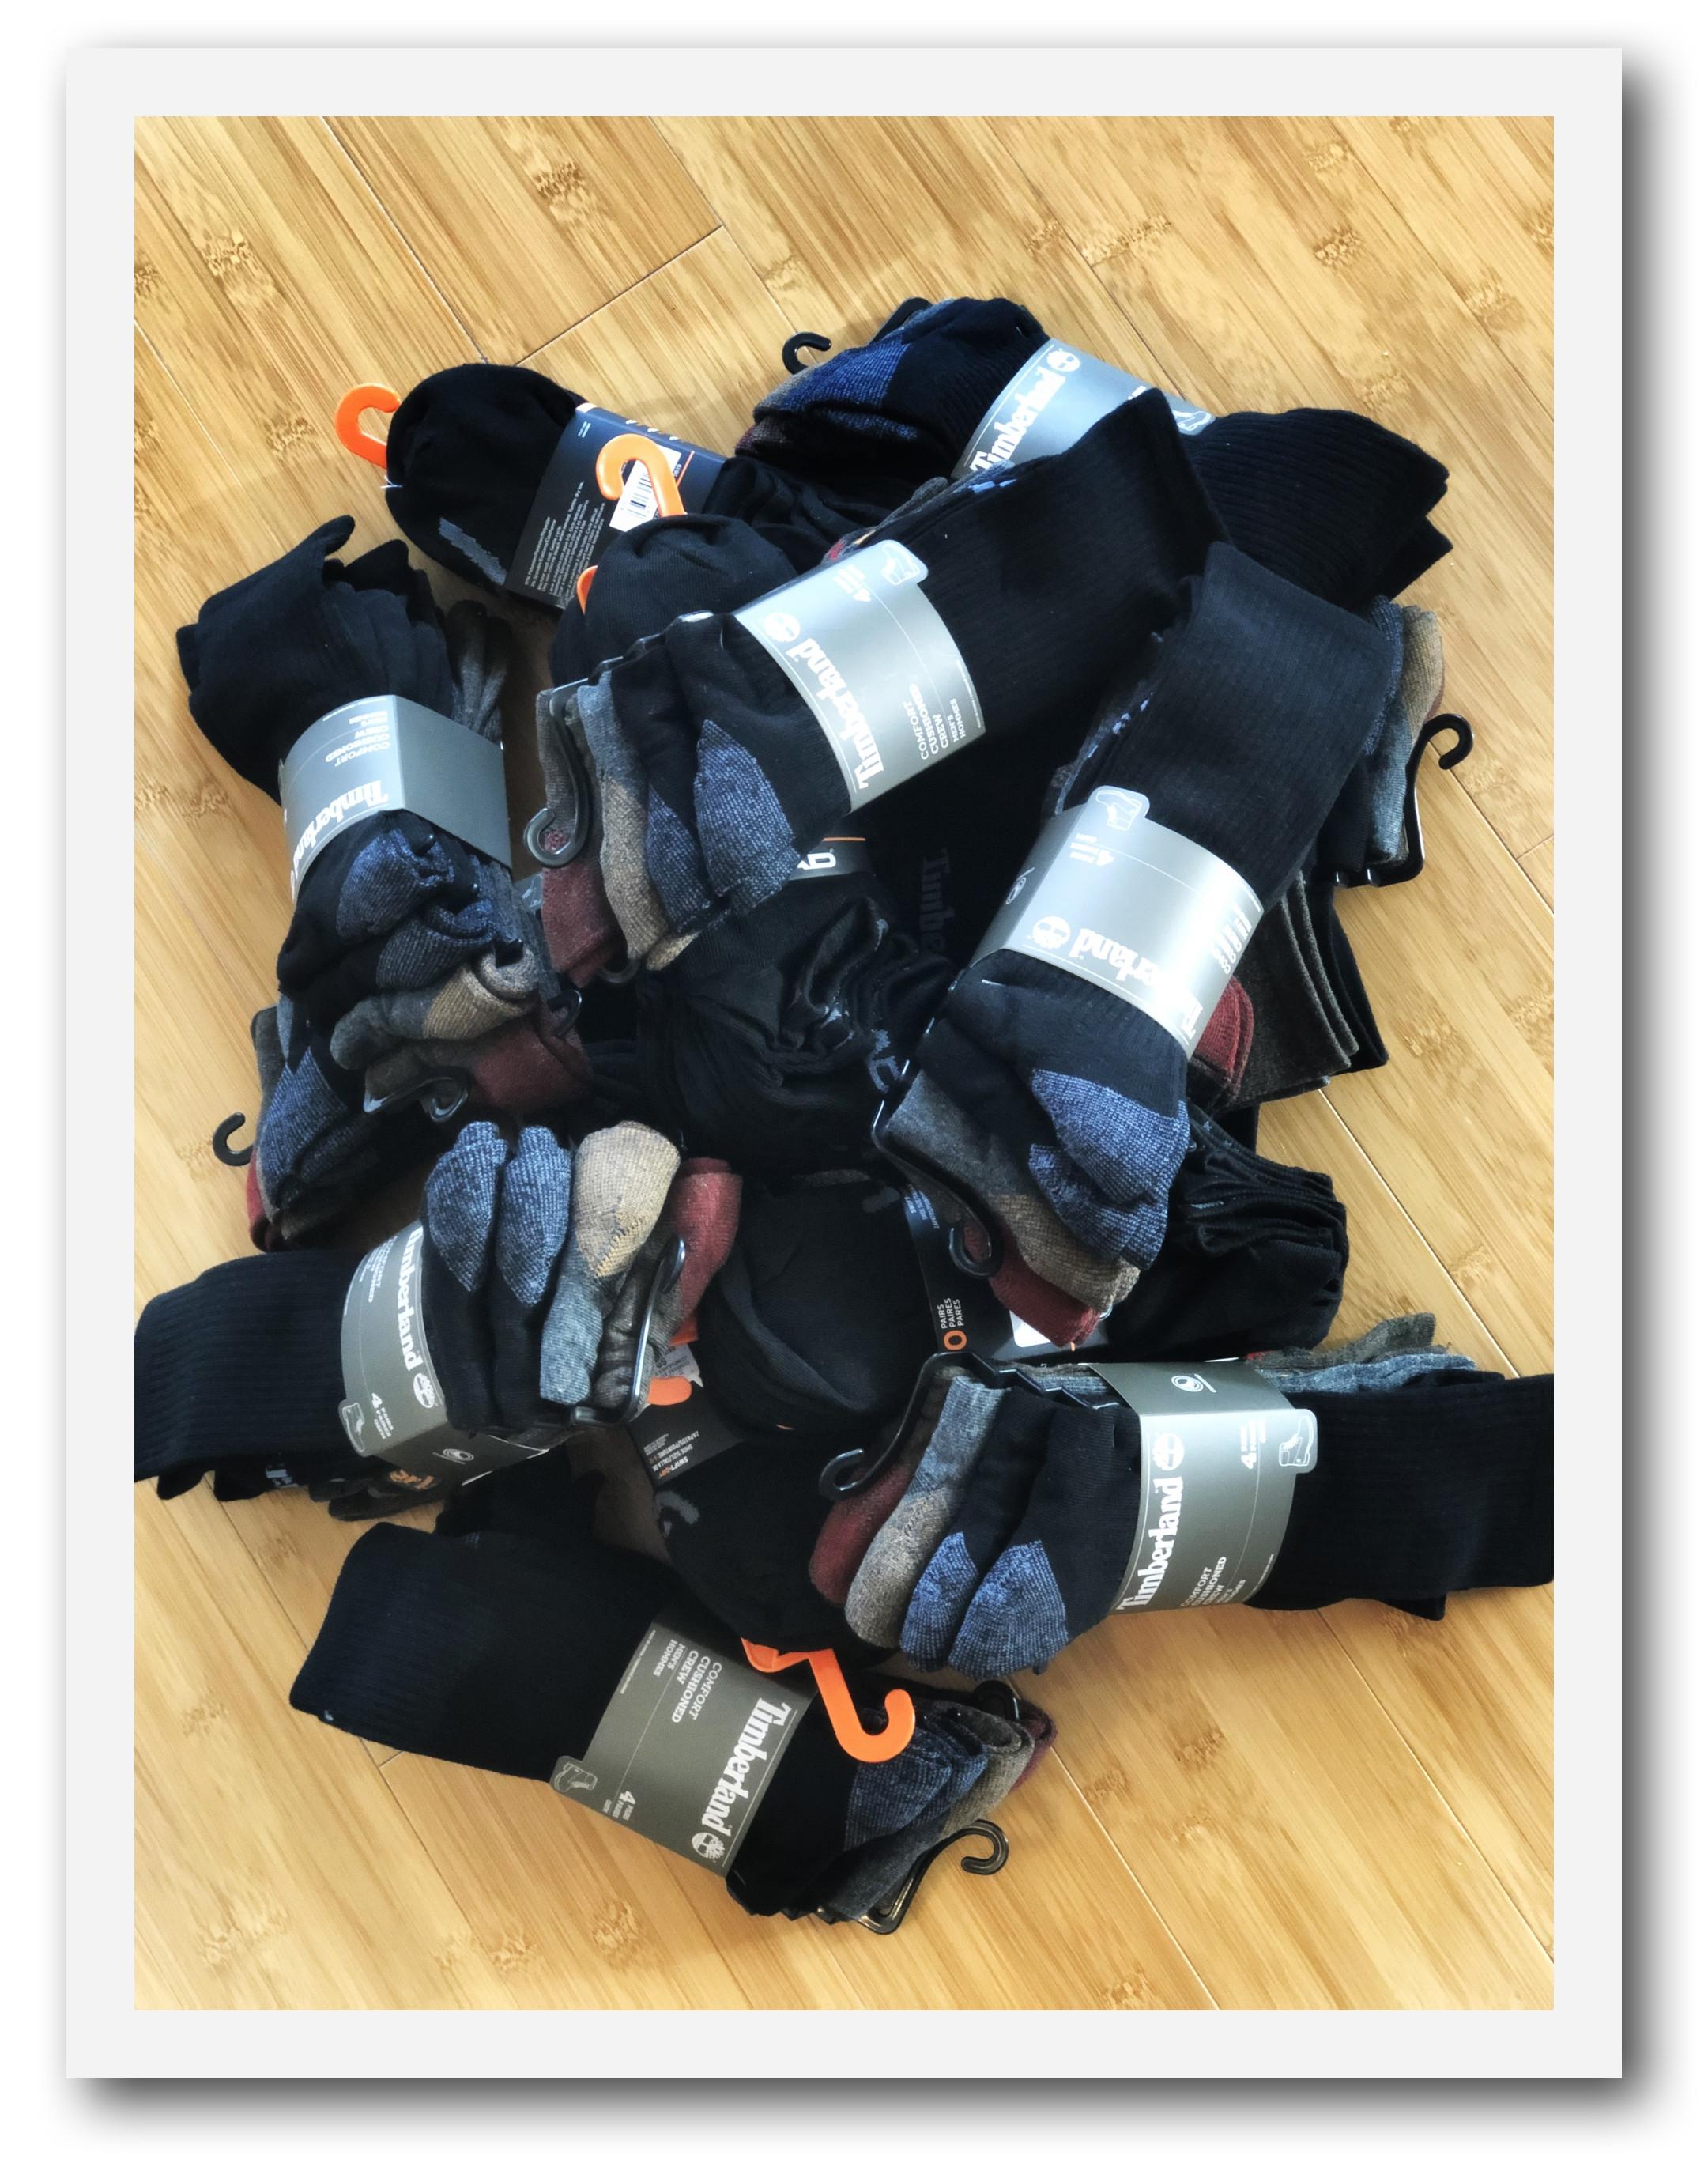 Socks For Our Homeless